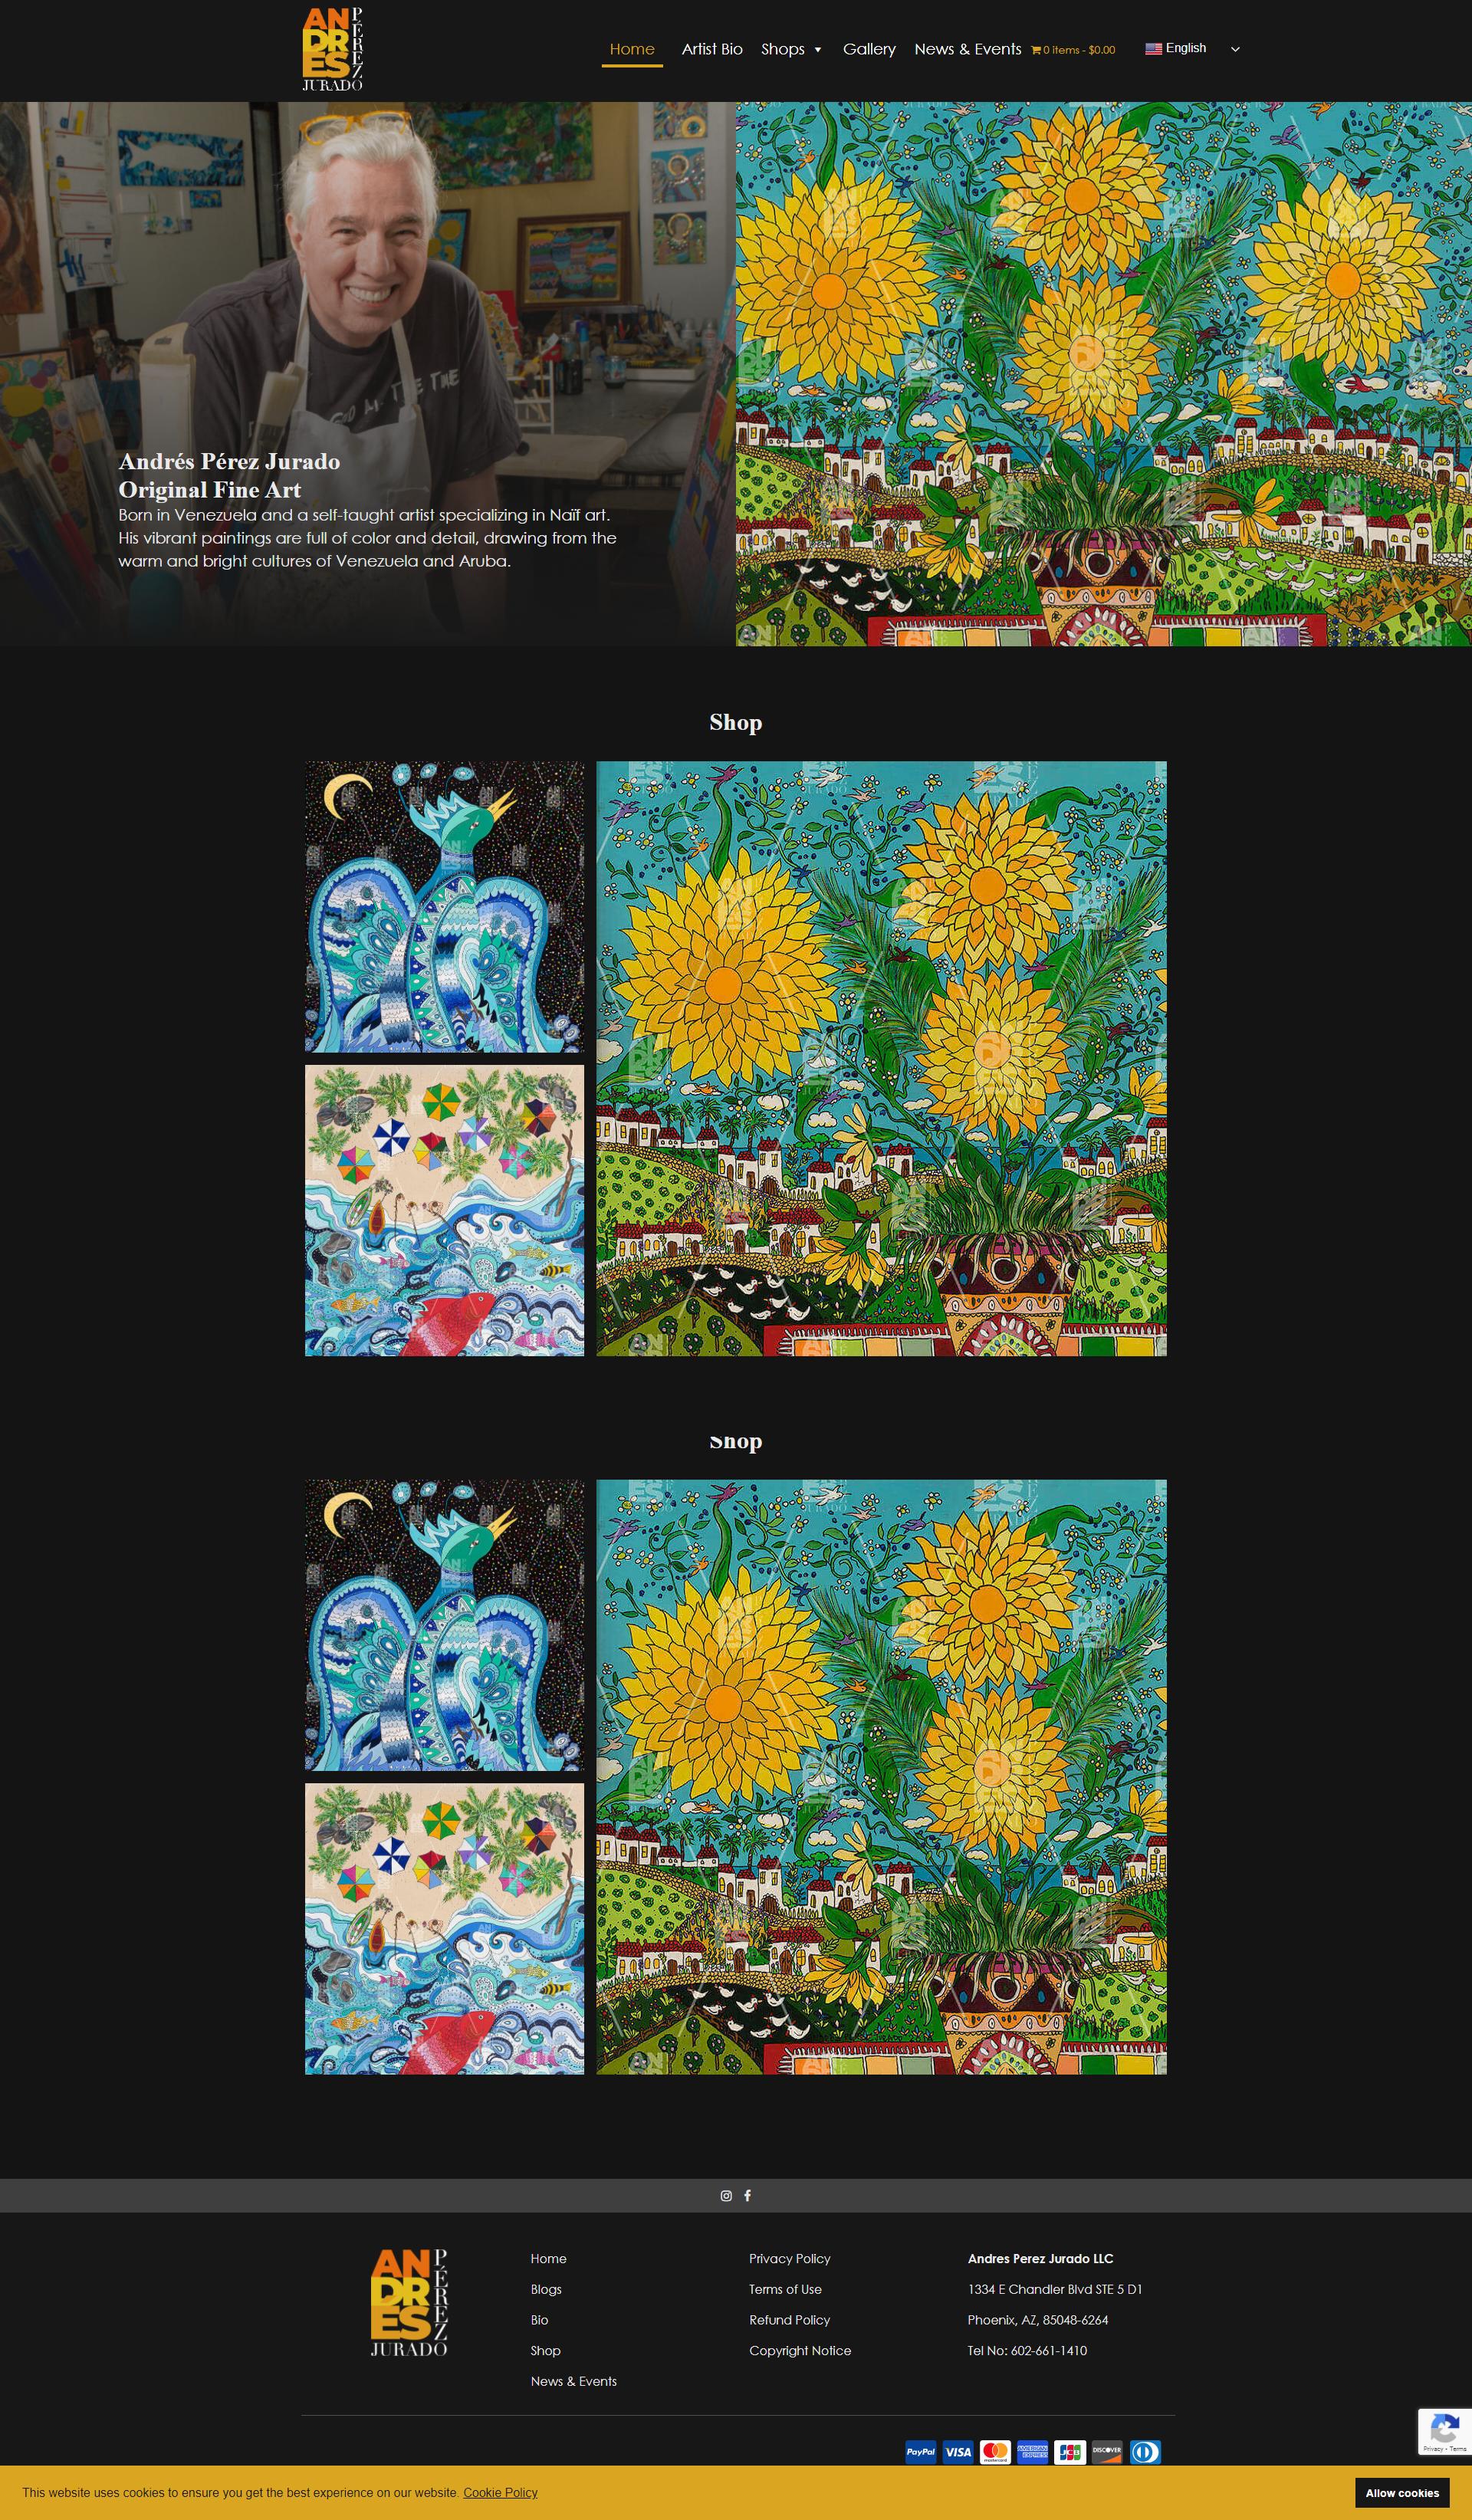 PrimeView Launches Naïf Artist Andrés Pérez Jurado Website